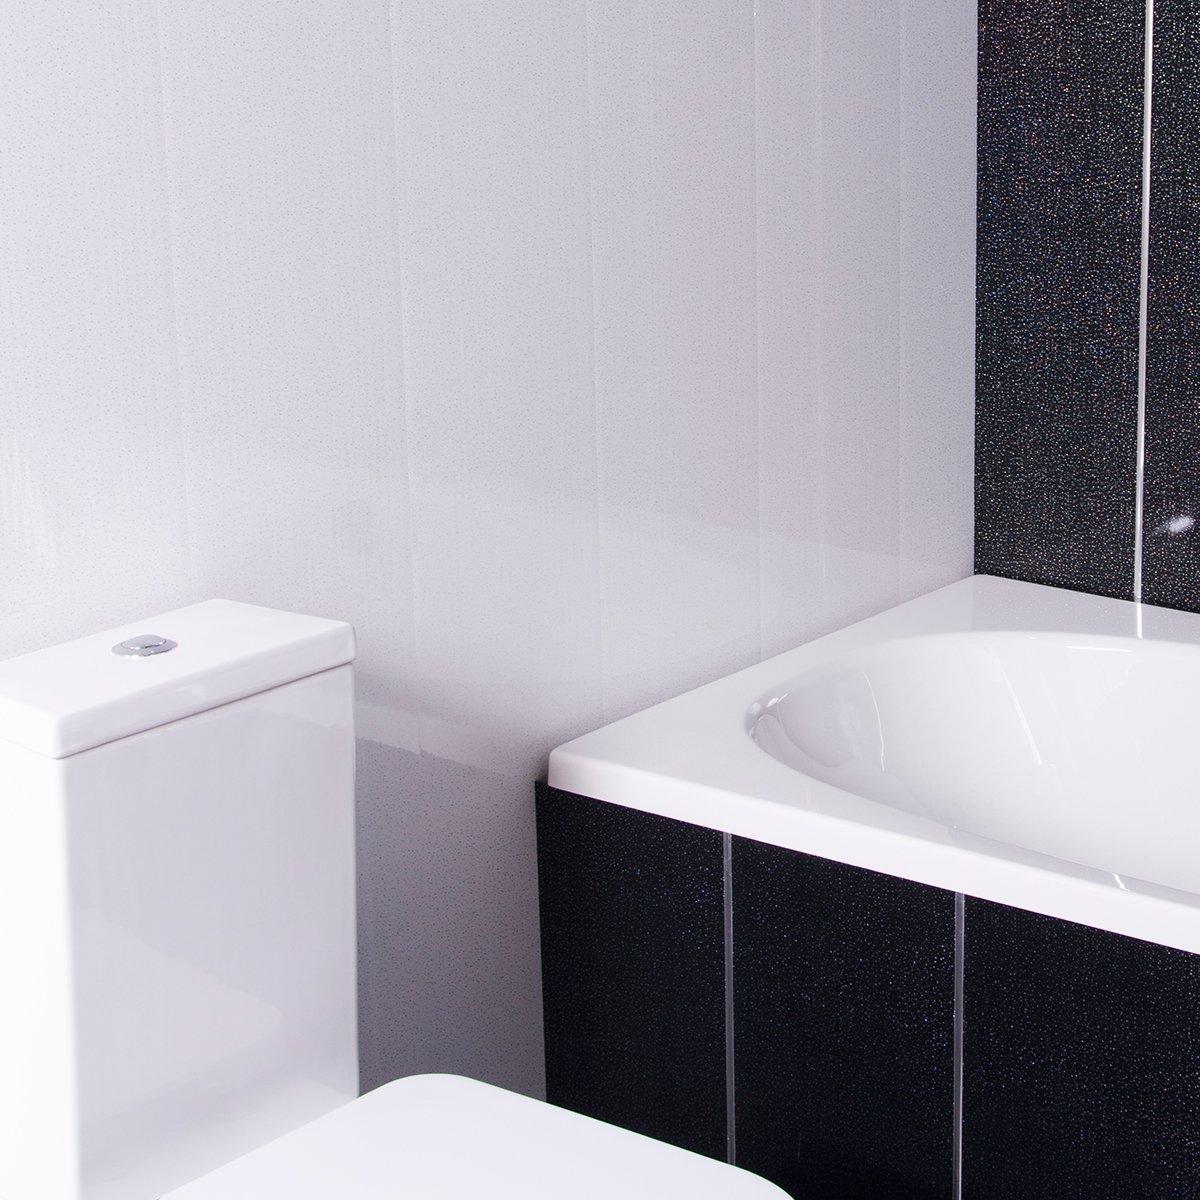 White Galaxy Bathroom Cladding Direct